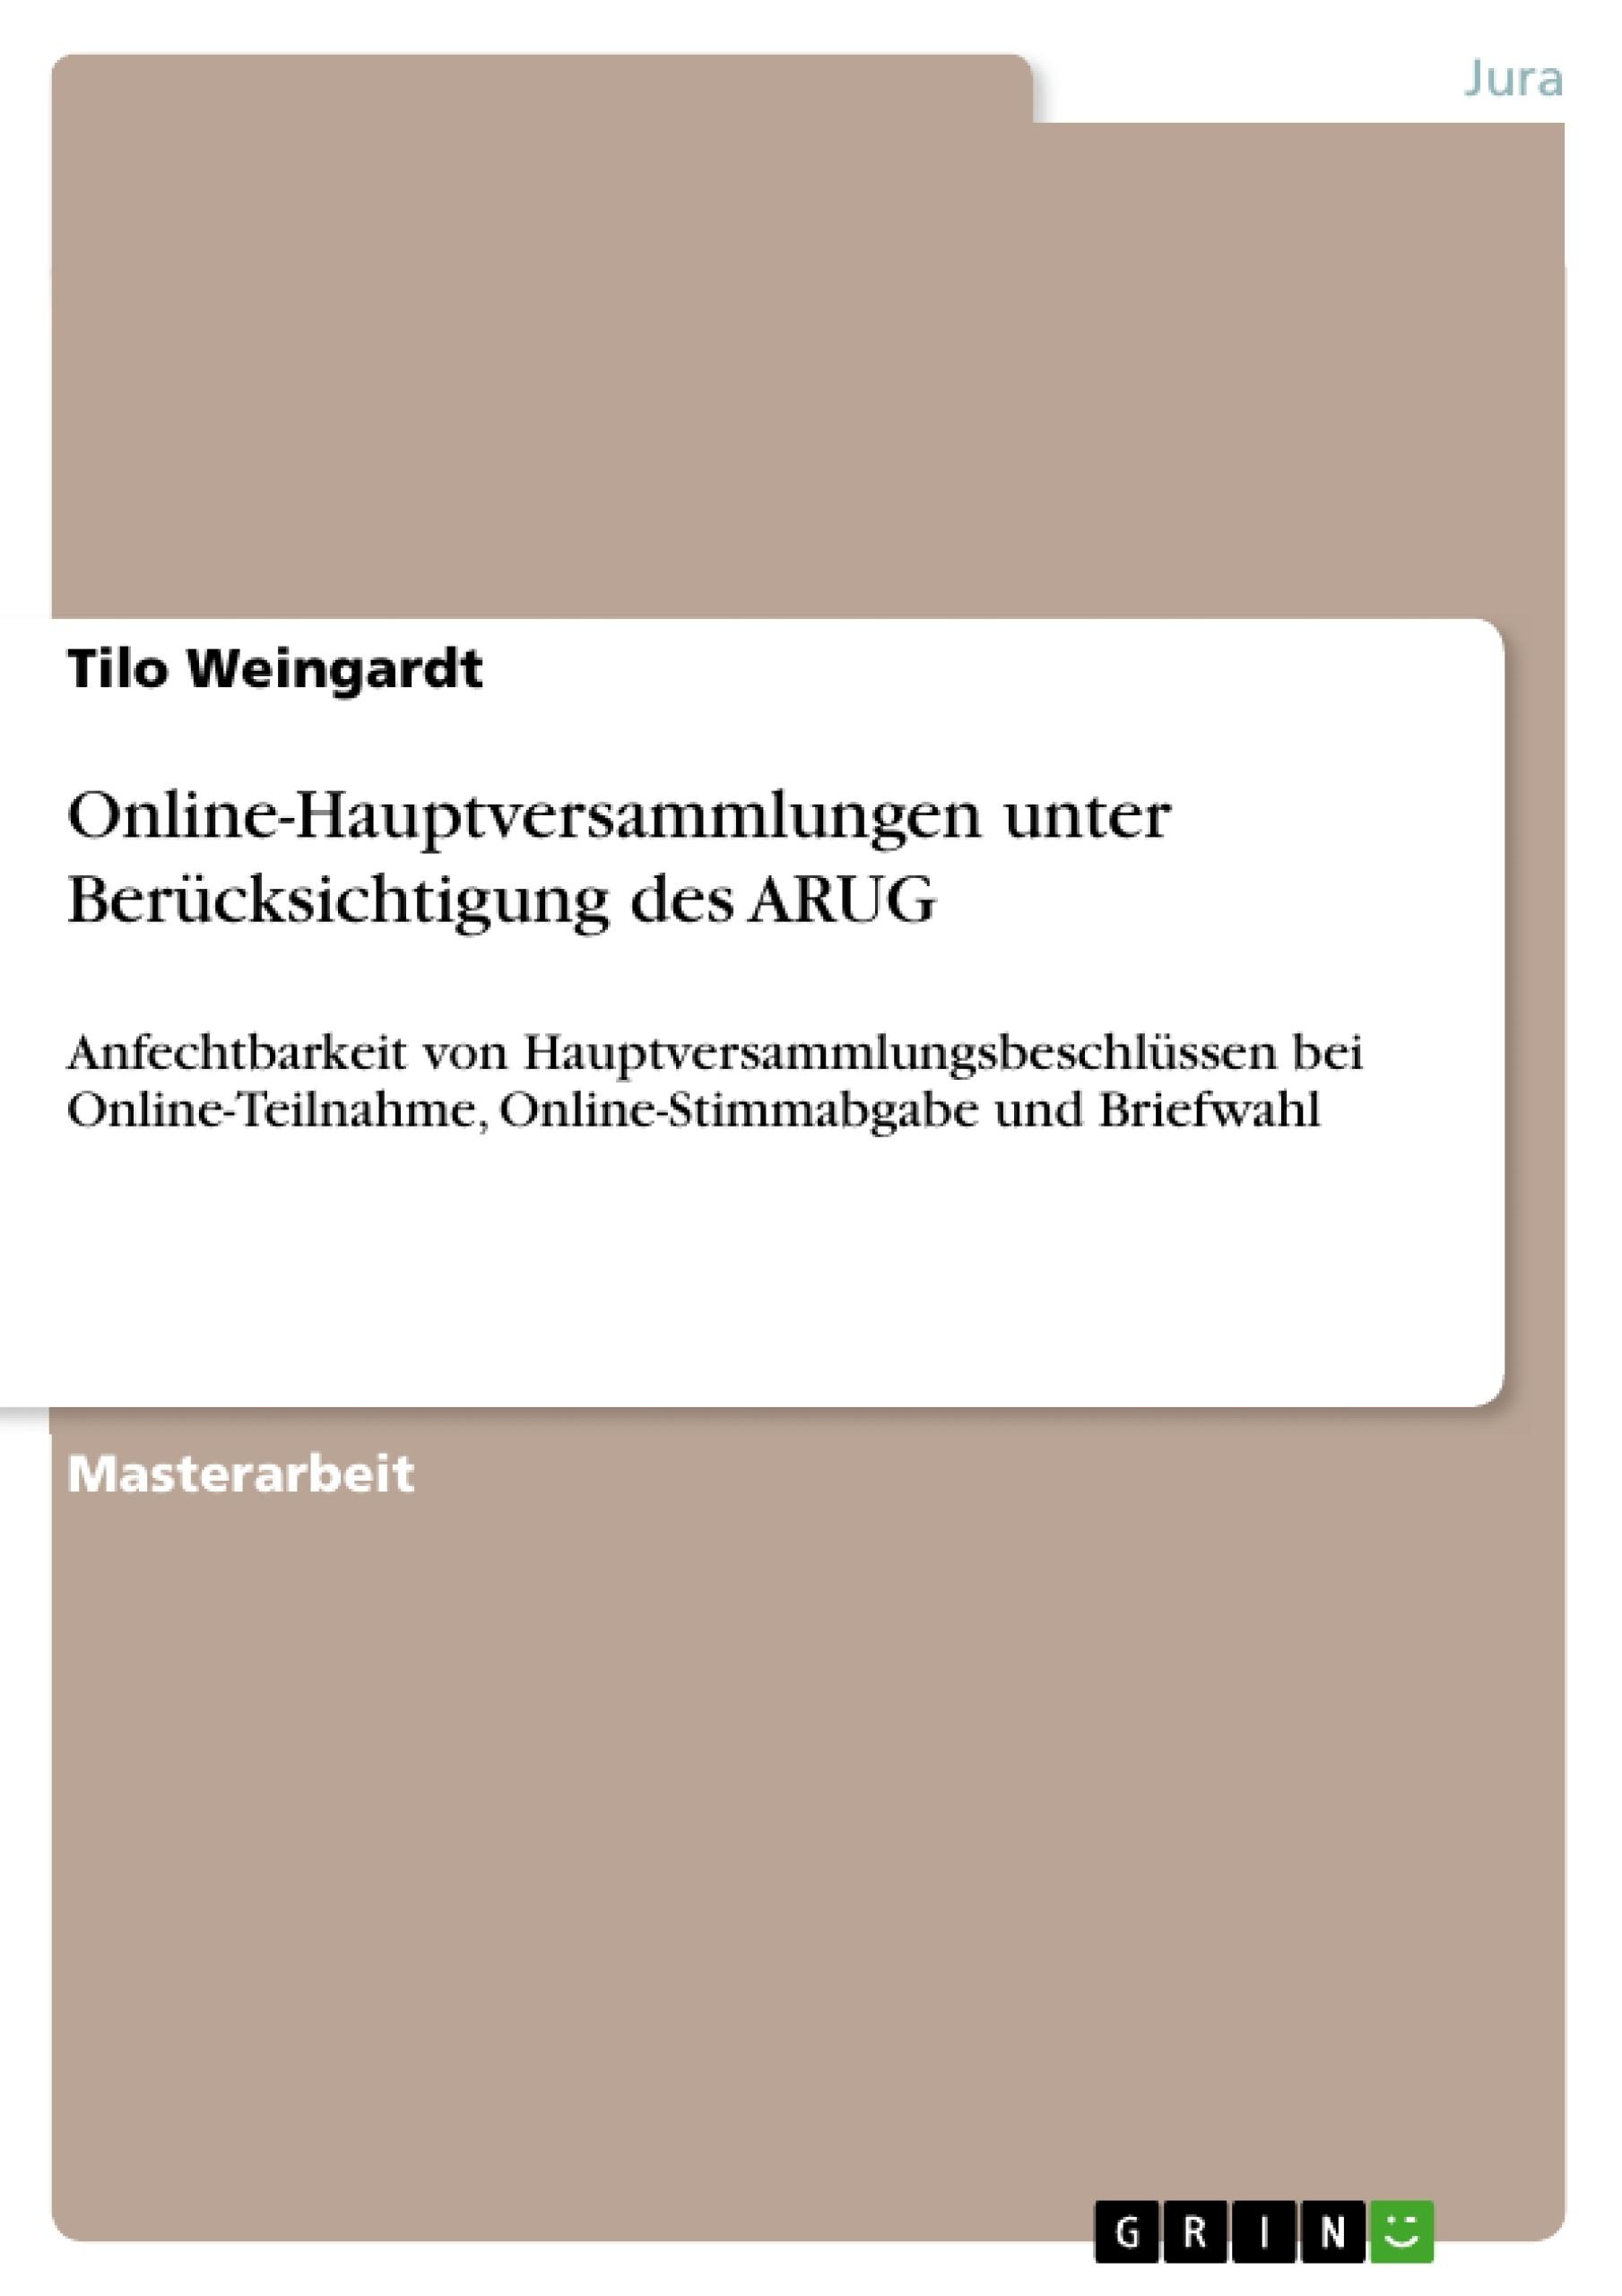 Titel: Online-Hauptversammlungen unter Berücksichtigung des ARUG